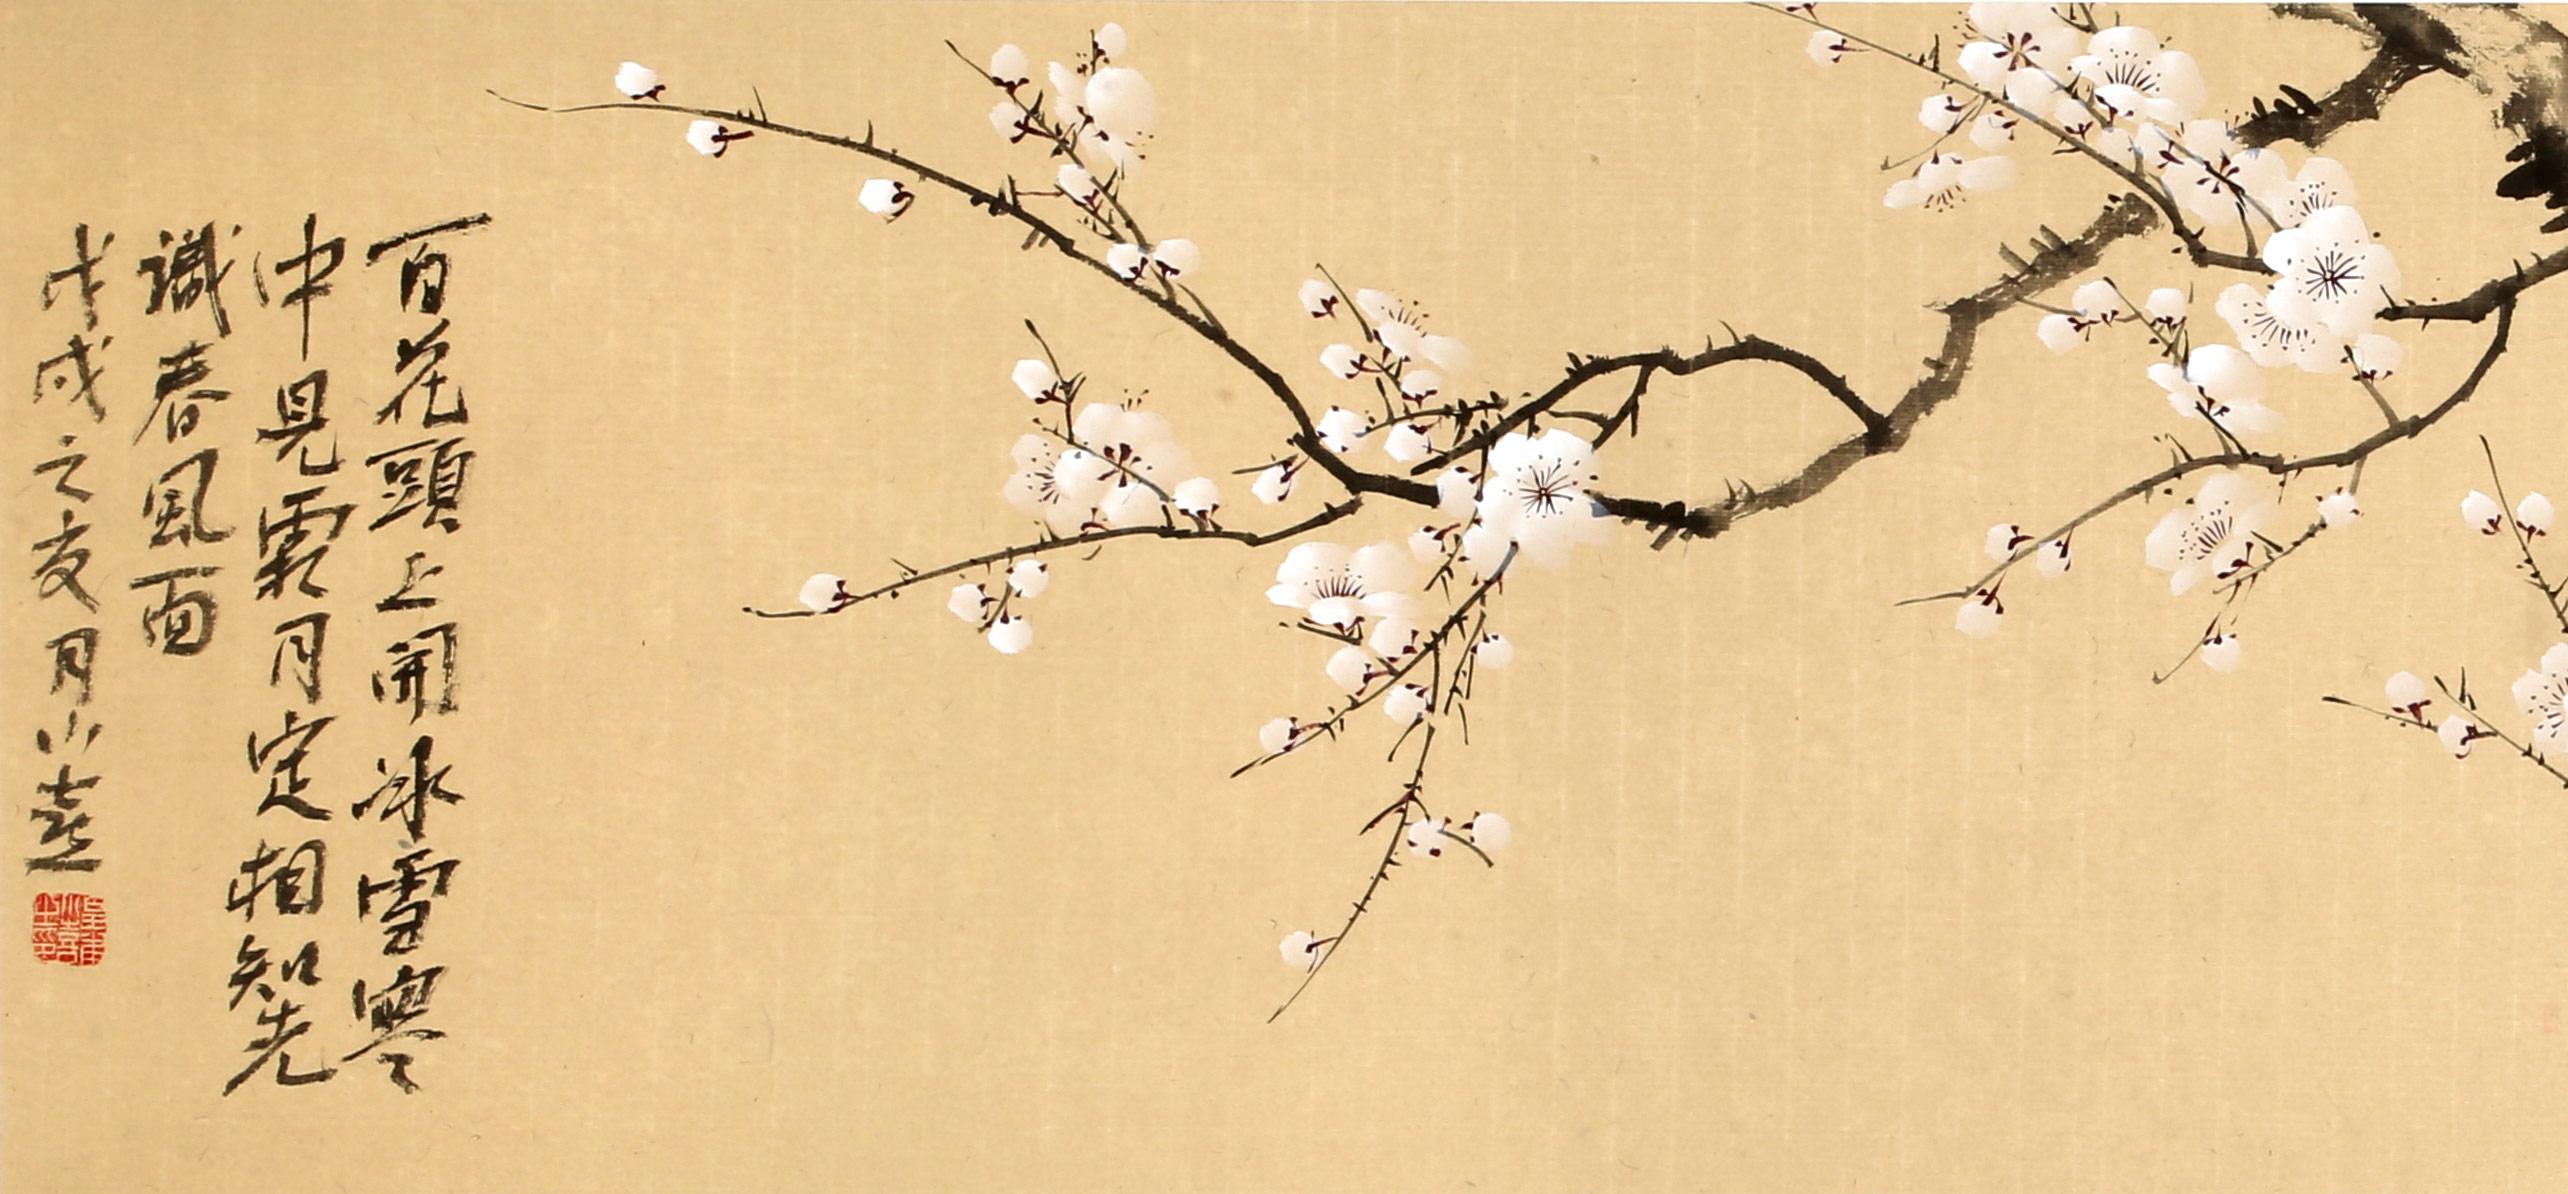 宣纸梅花底纹背景素材